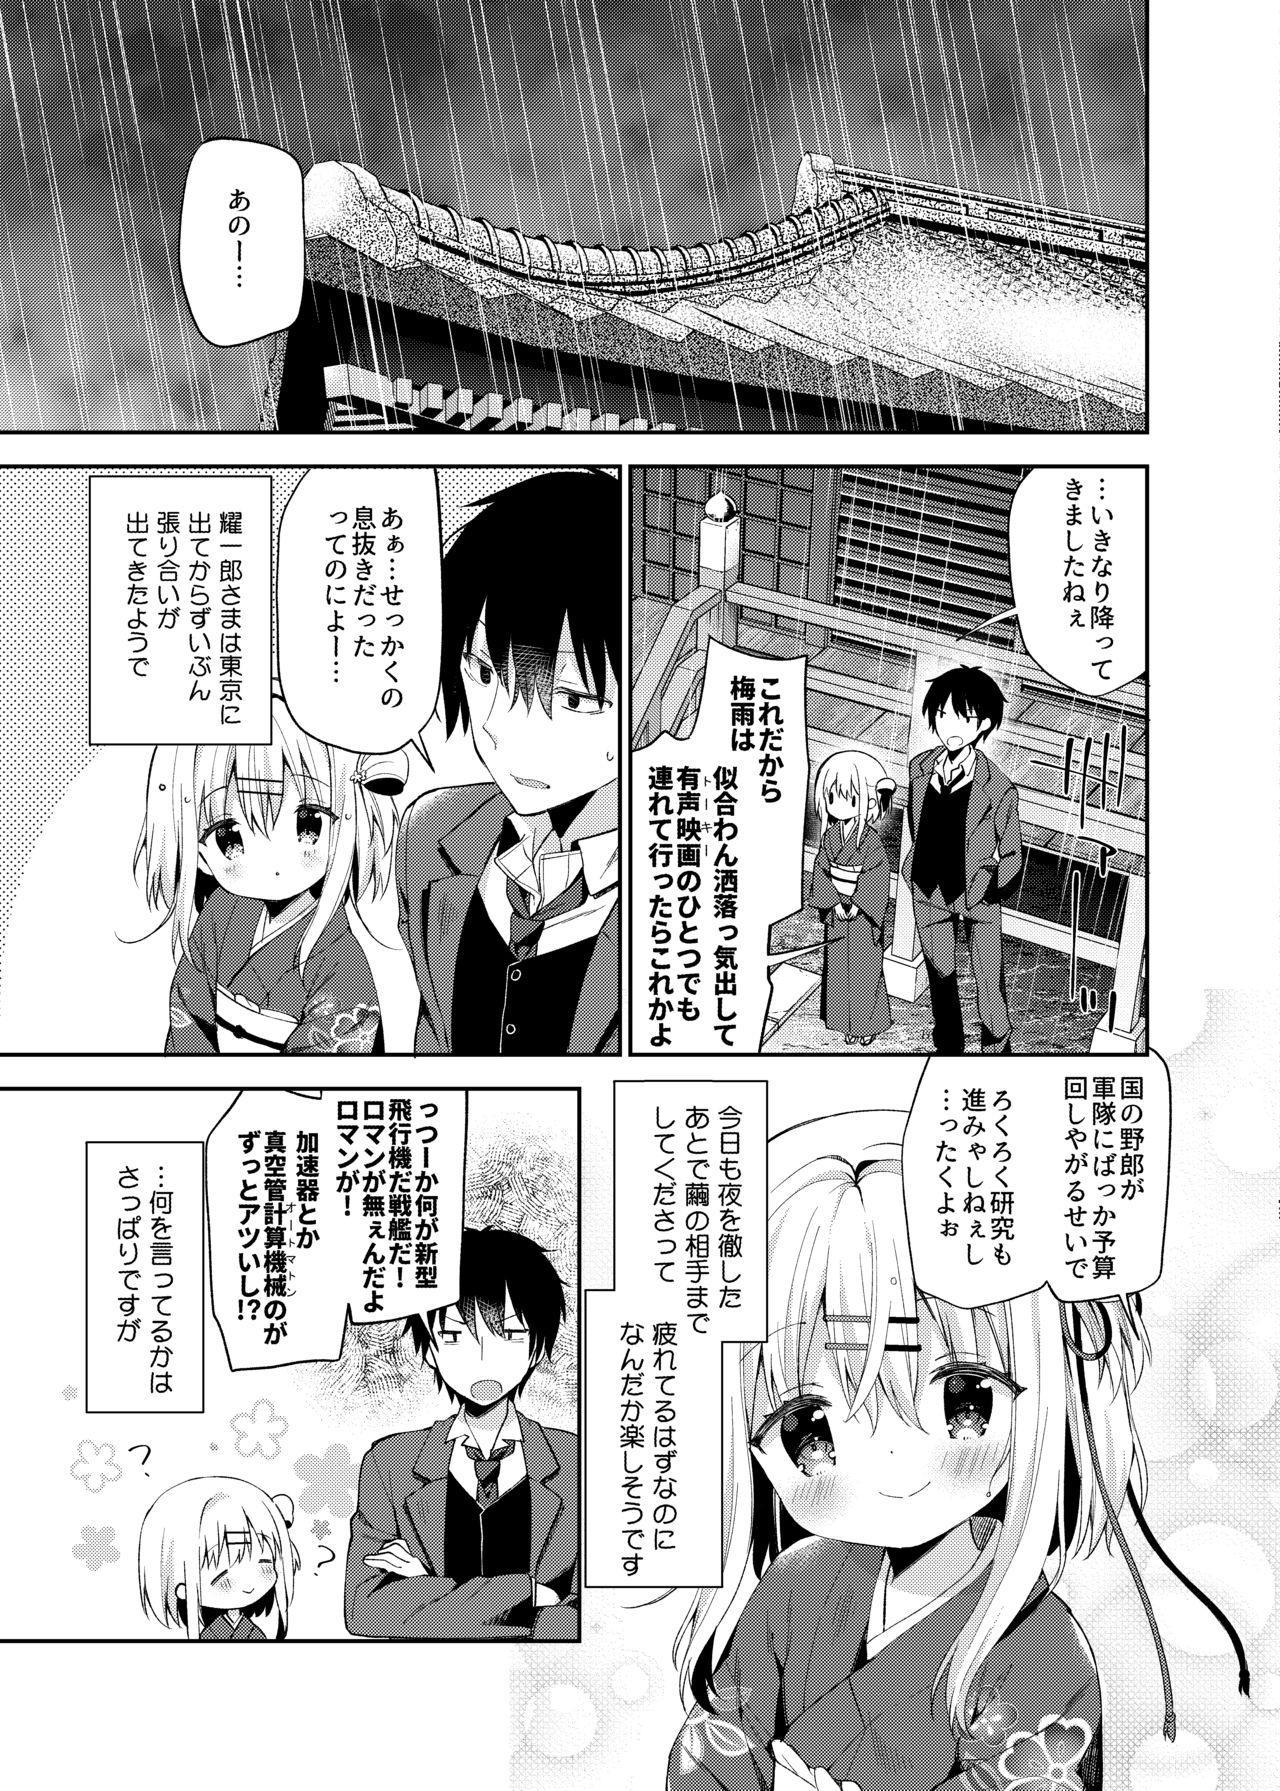 Onnanoko no Mayu Soushuuhen 01 106